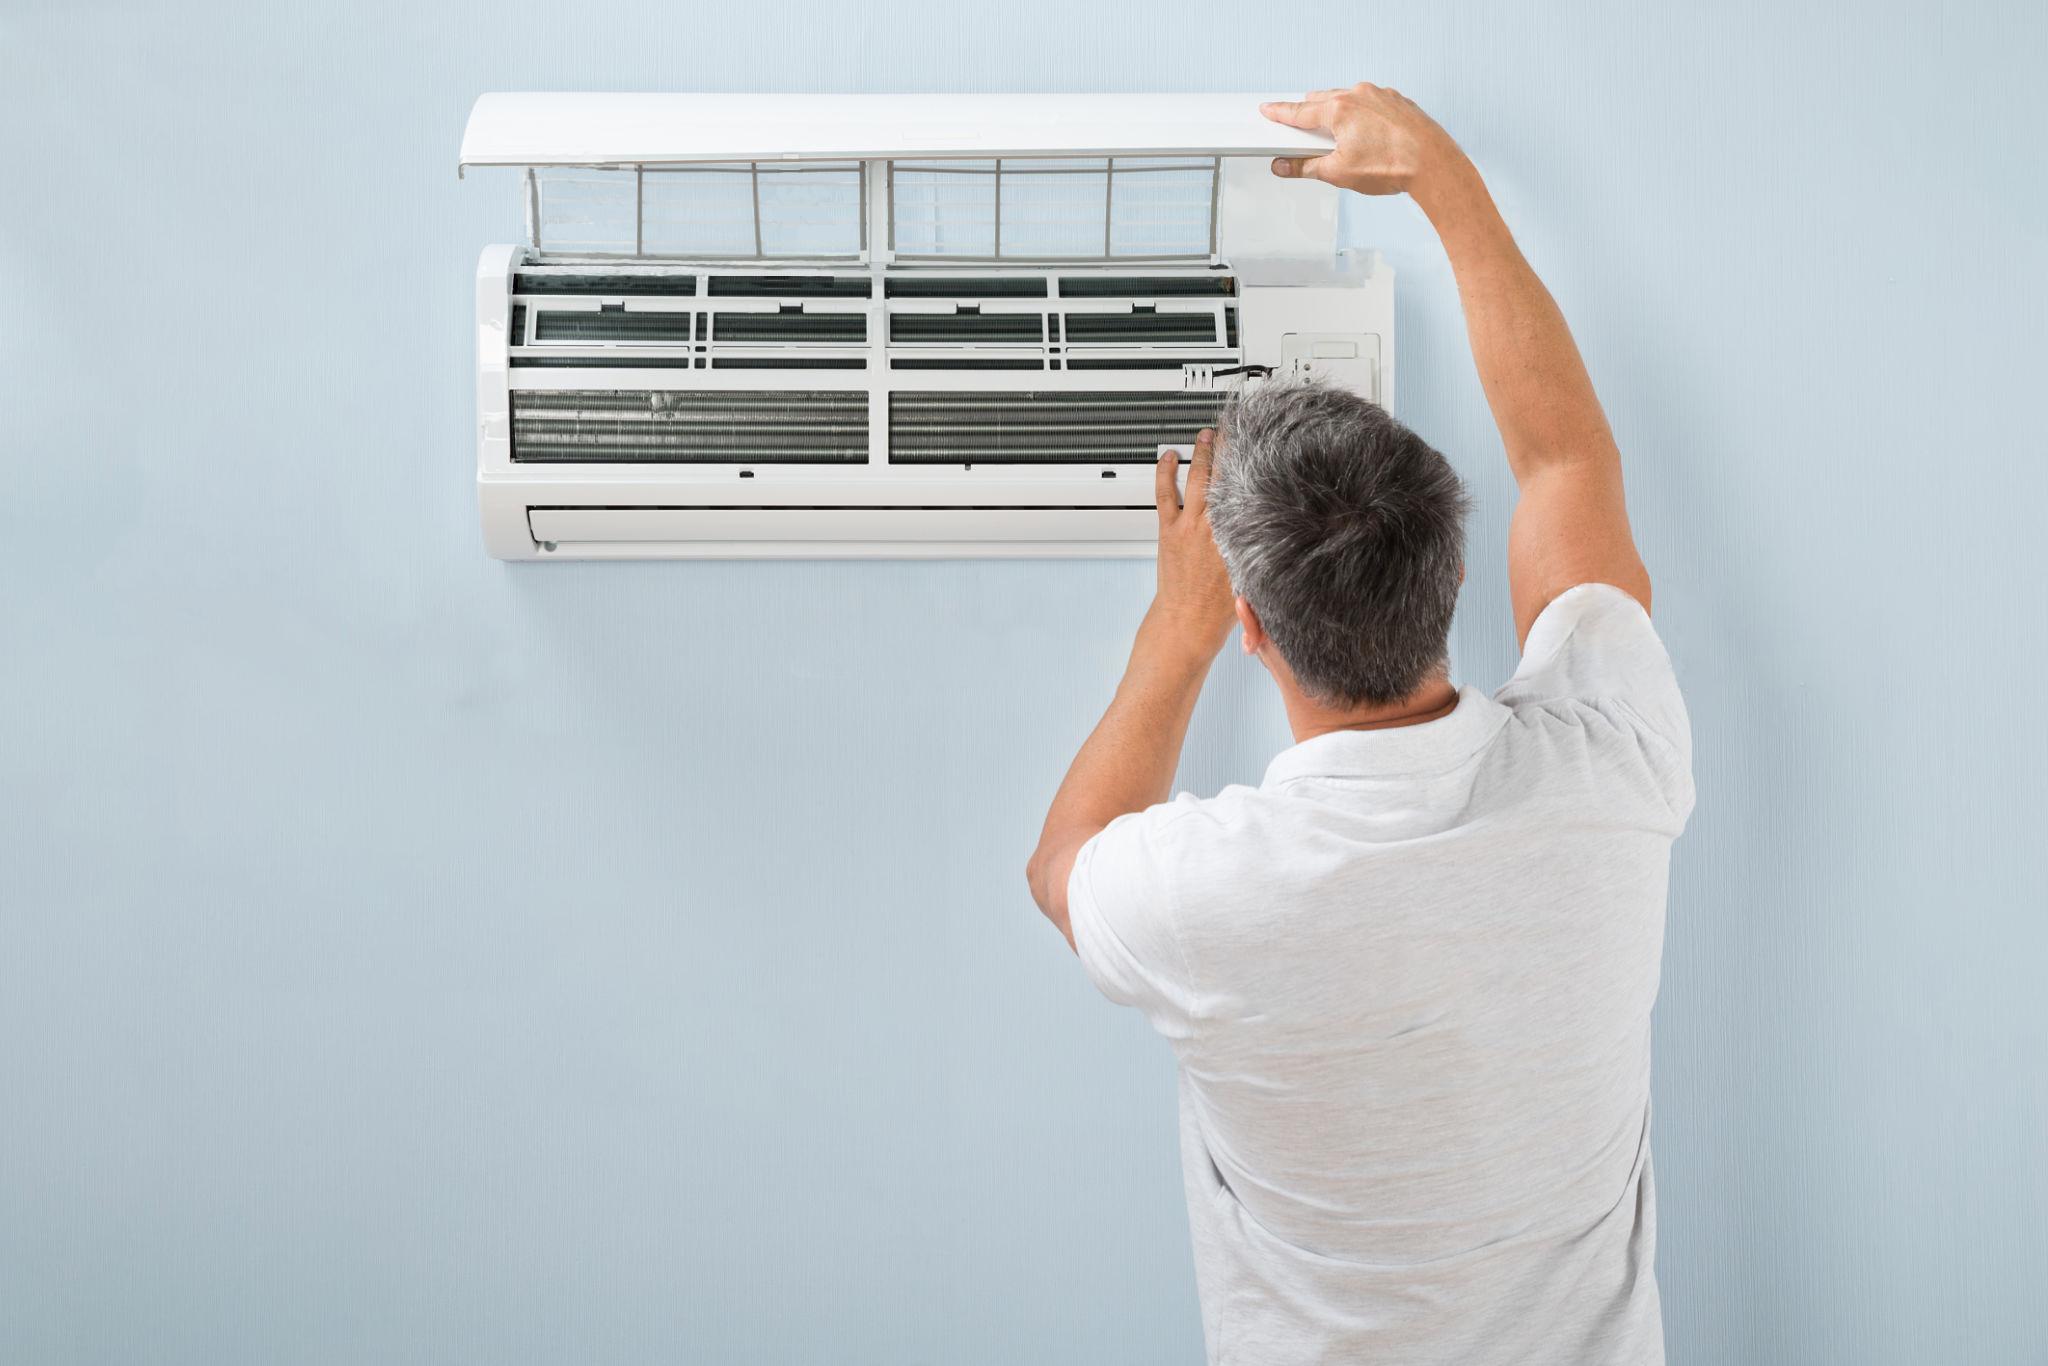 Instalação de ar-condicionado: contrate uma empresa